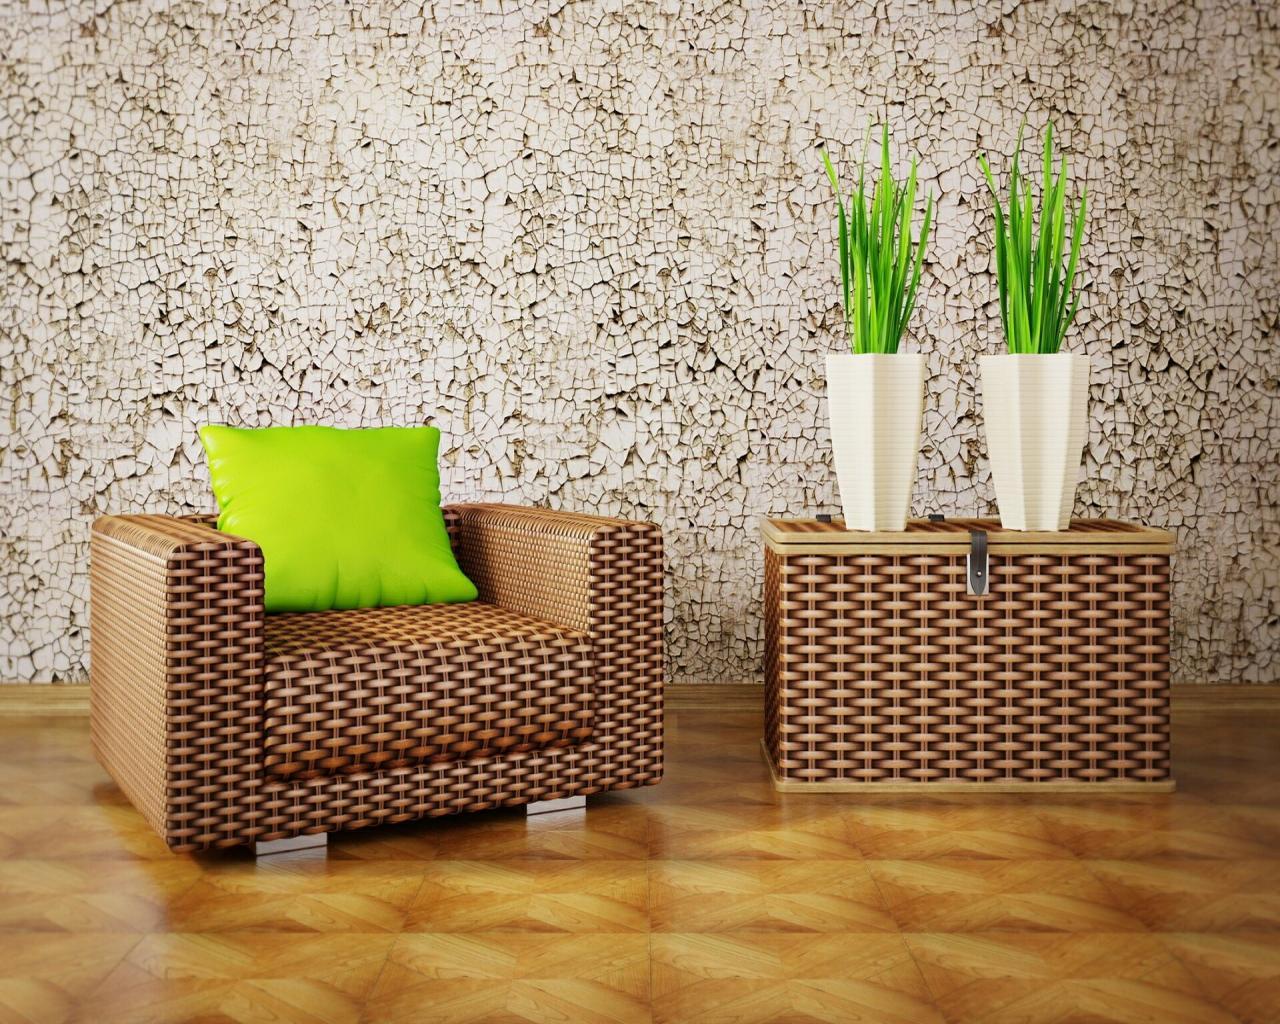 Плетеное кресло и сундук в интерьере